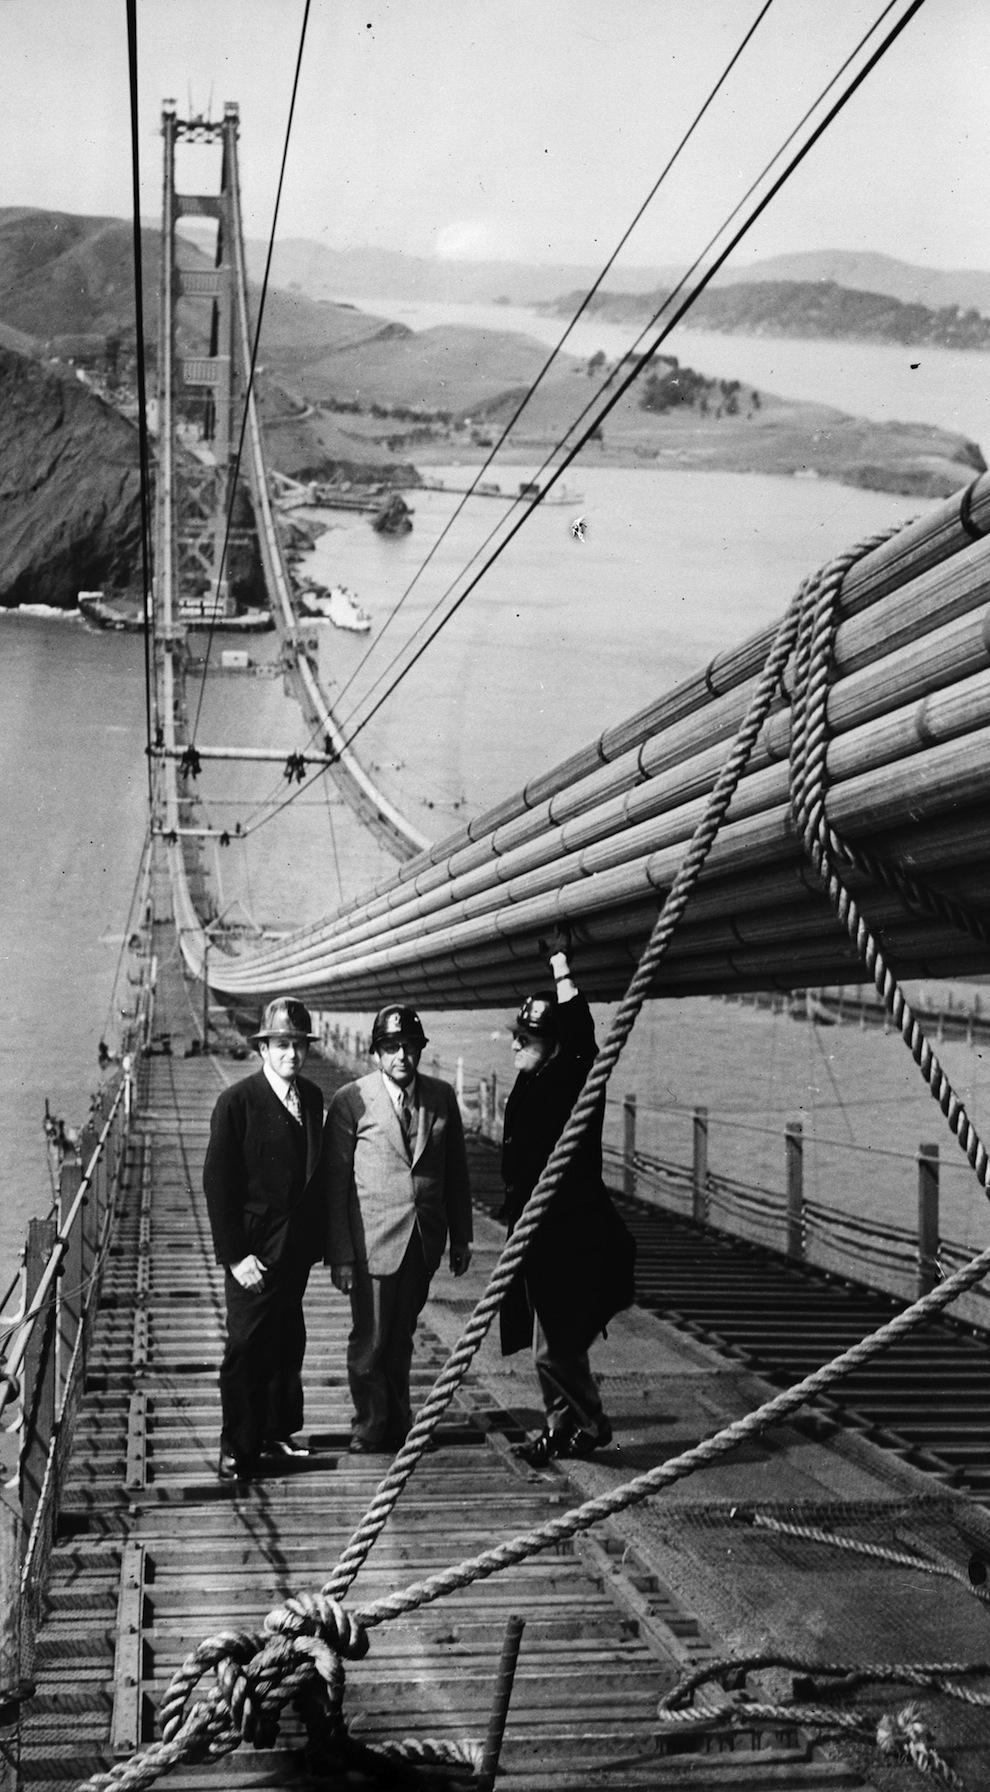 Golden_Gate-photography-oldskull-19